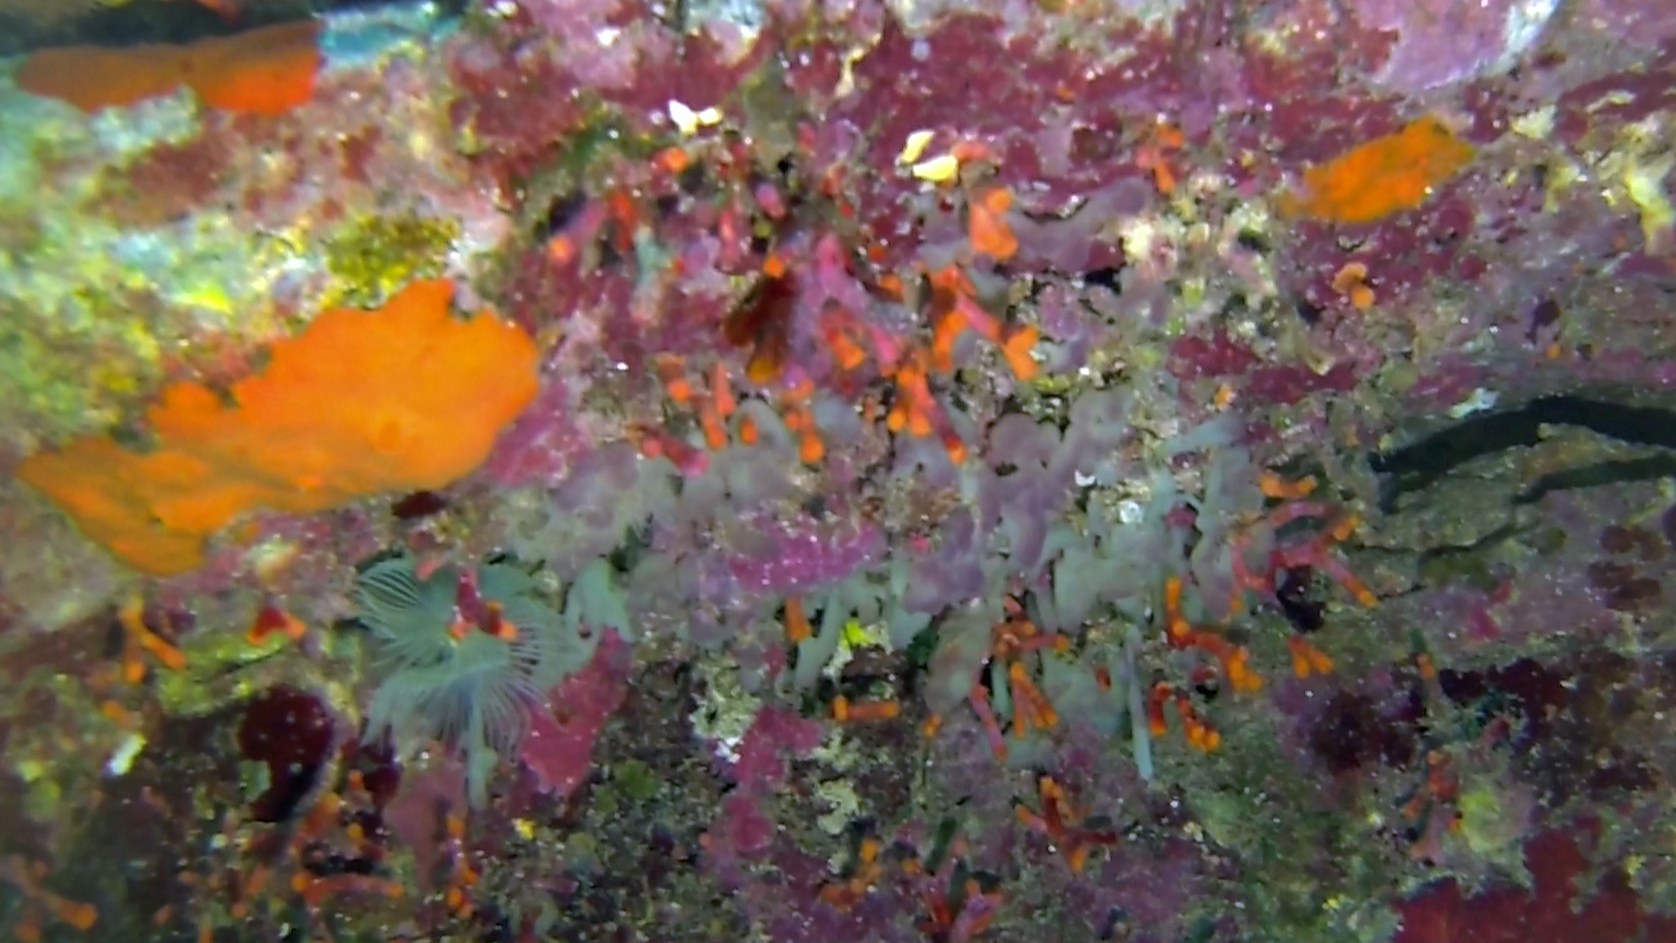 Myriapora Truncata Falso Corallo Briozoi Briozoa Intotheblue.it - Sardegna Isola di S.Pietro